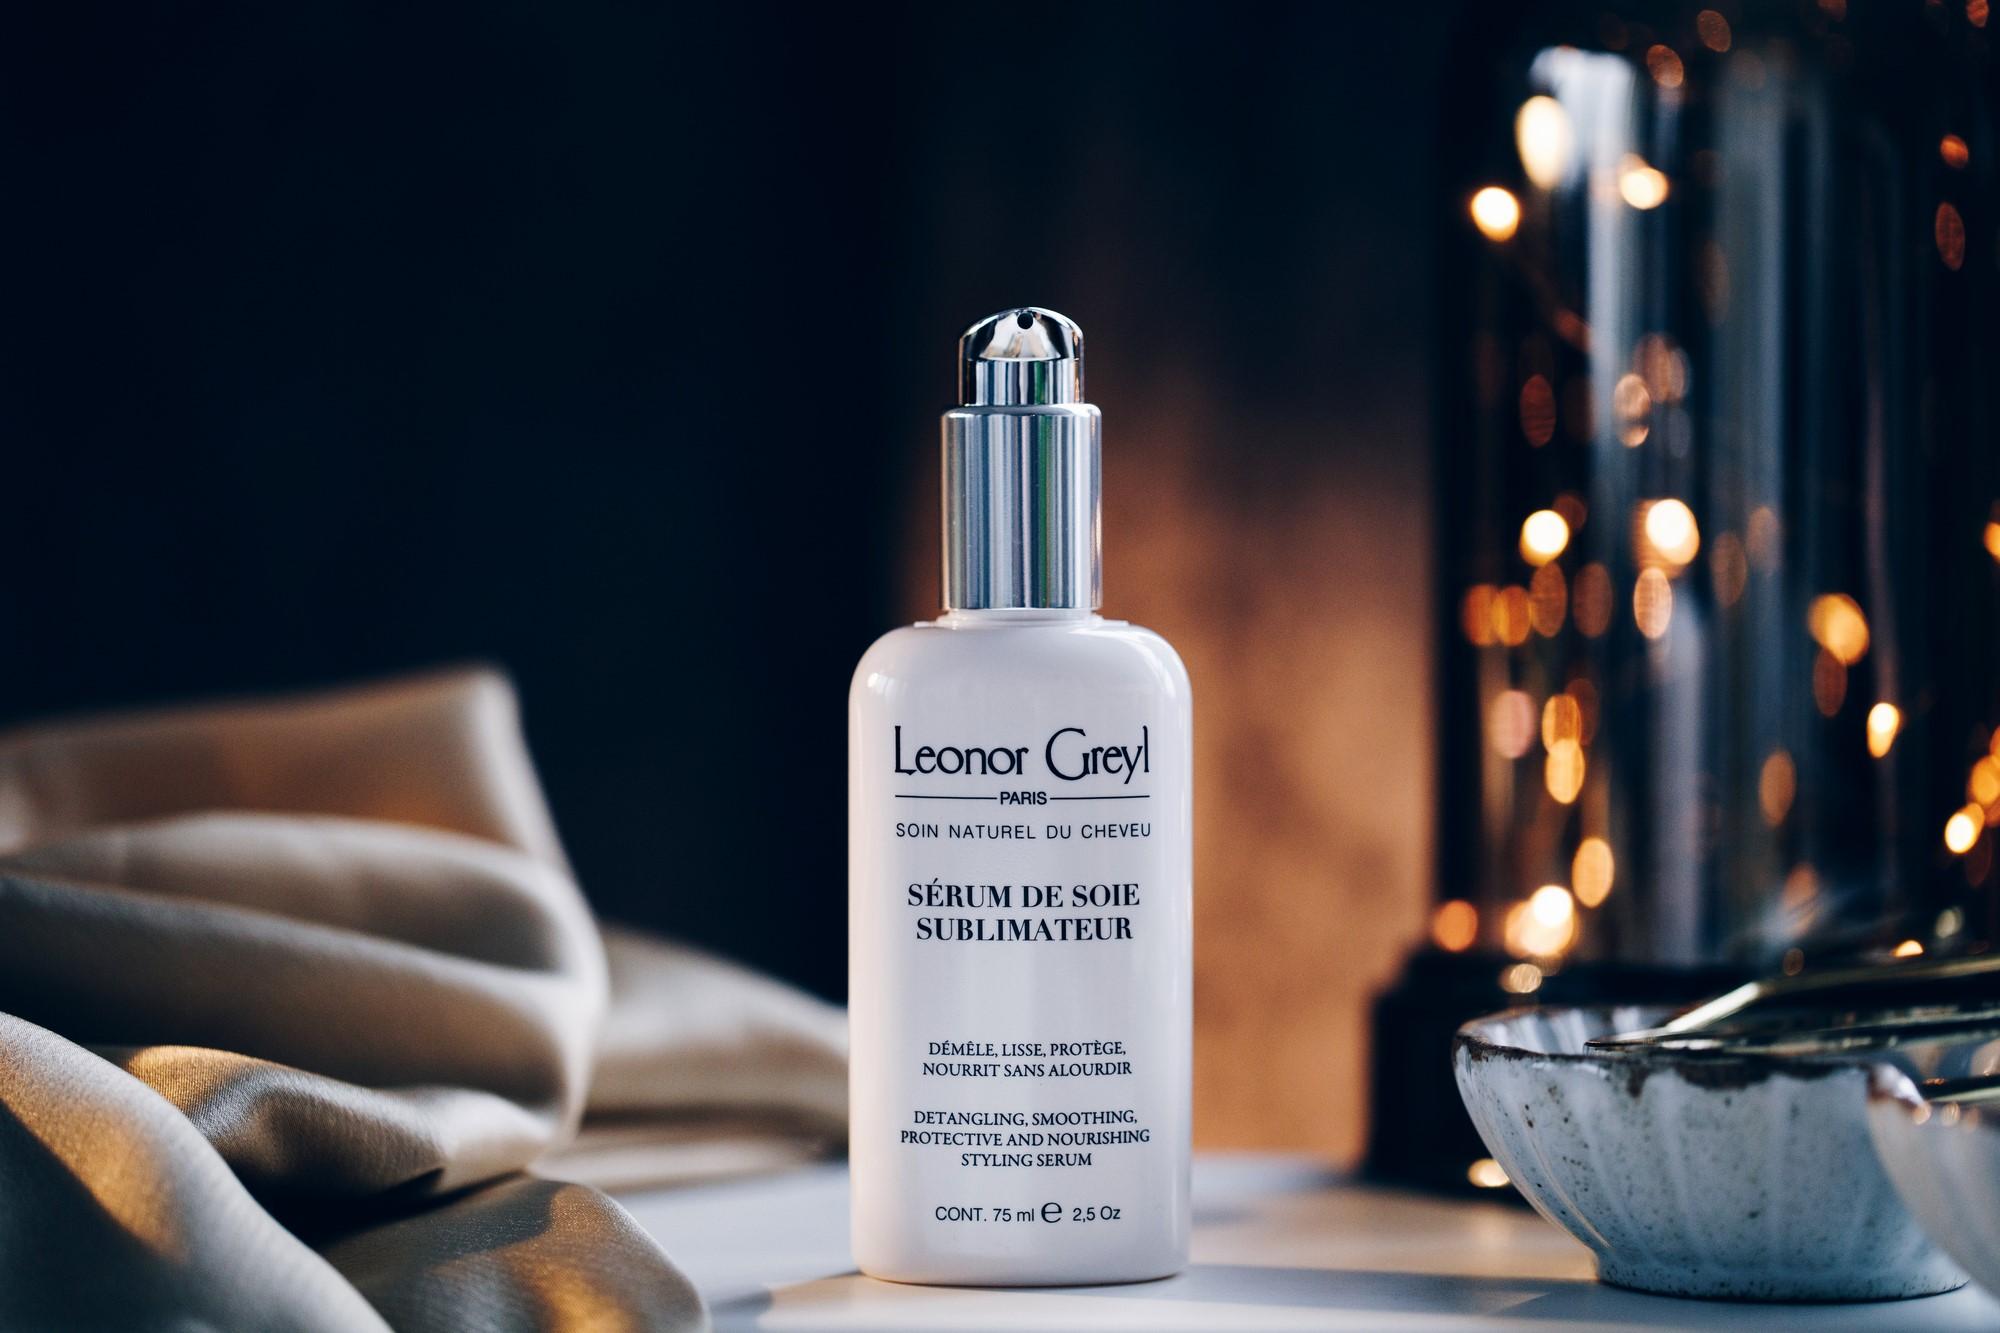 Serum Leonor Greyl giảm khô tóc, mượt tóc chống nắng cho tóc UV Leonor Greyl-Serum Sublimateur 75ml